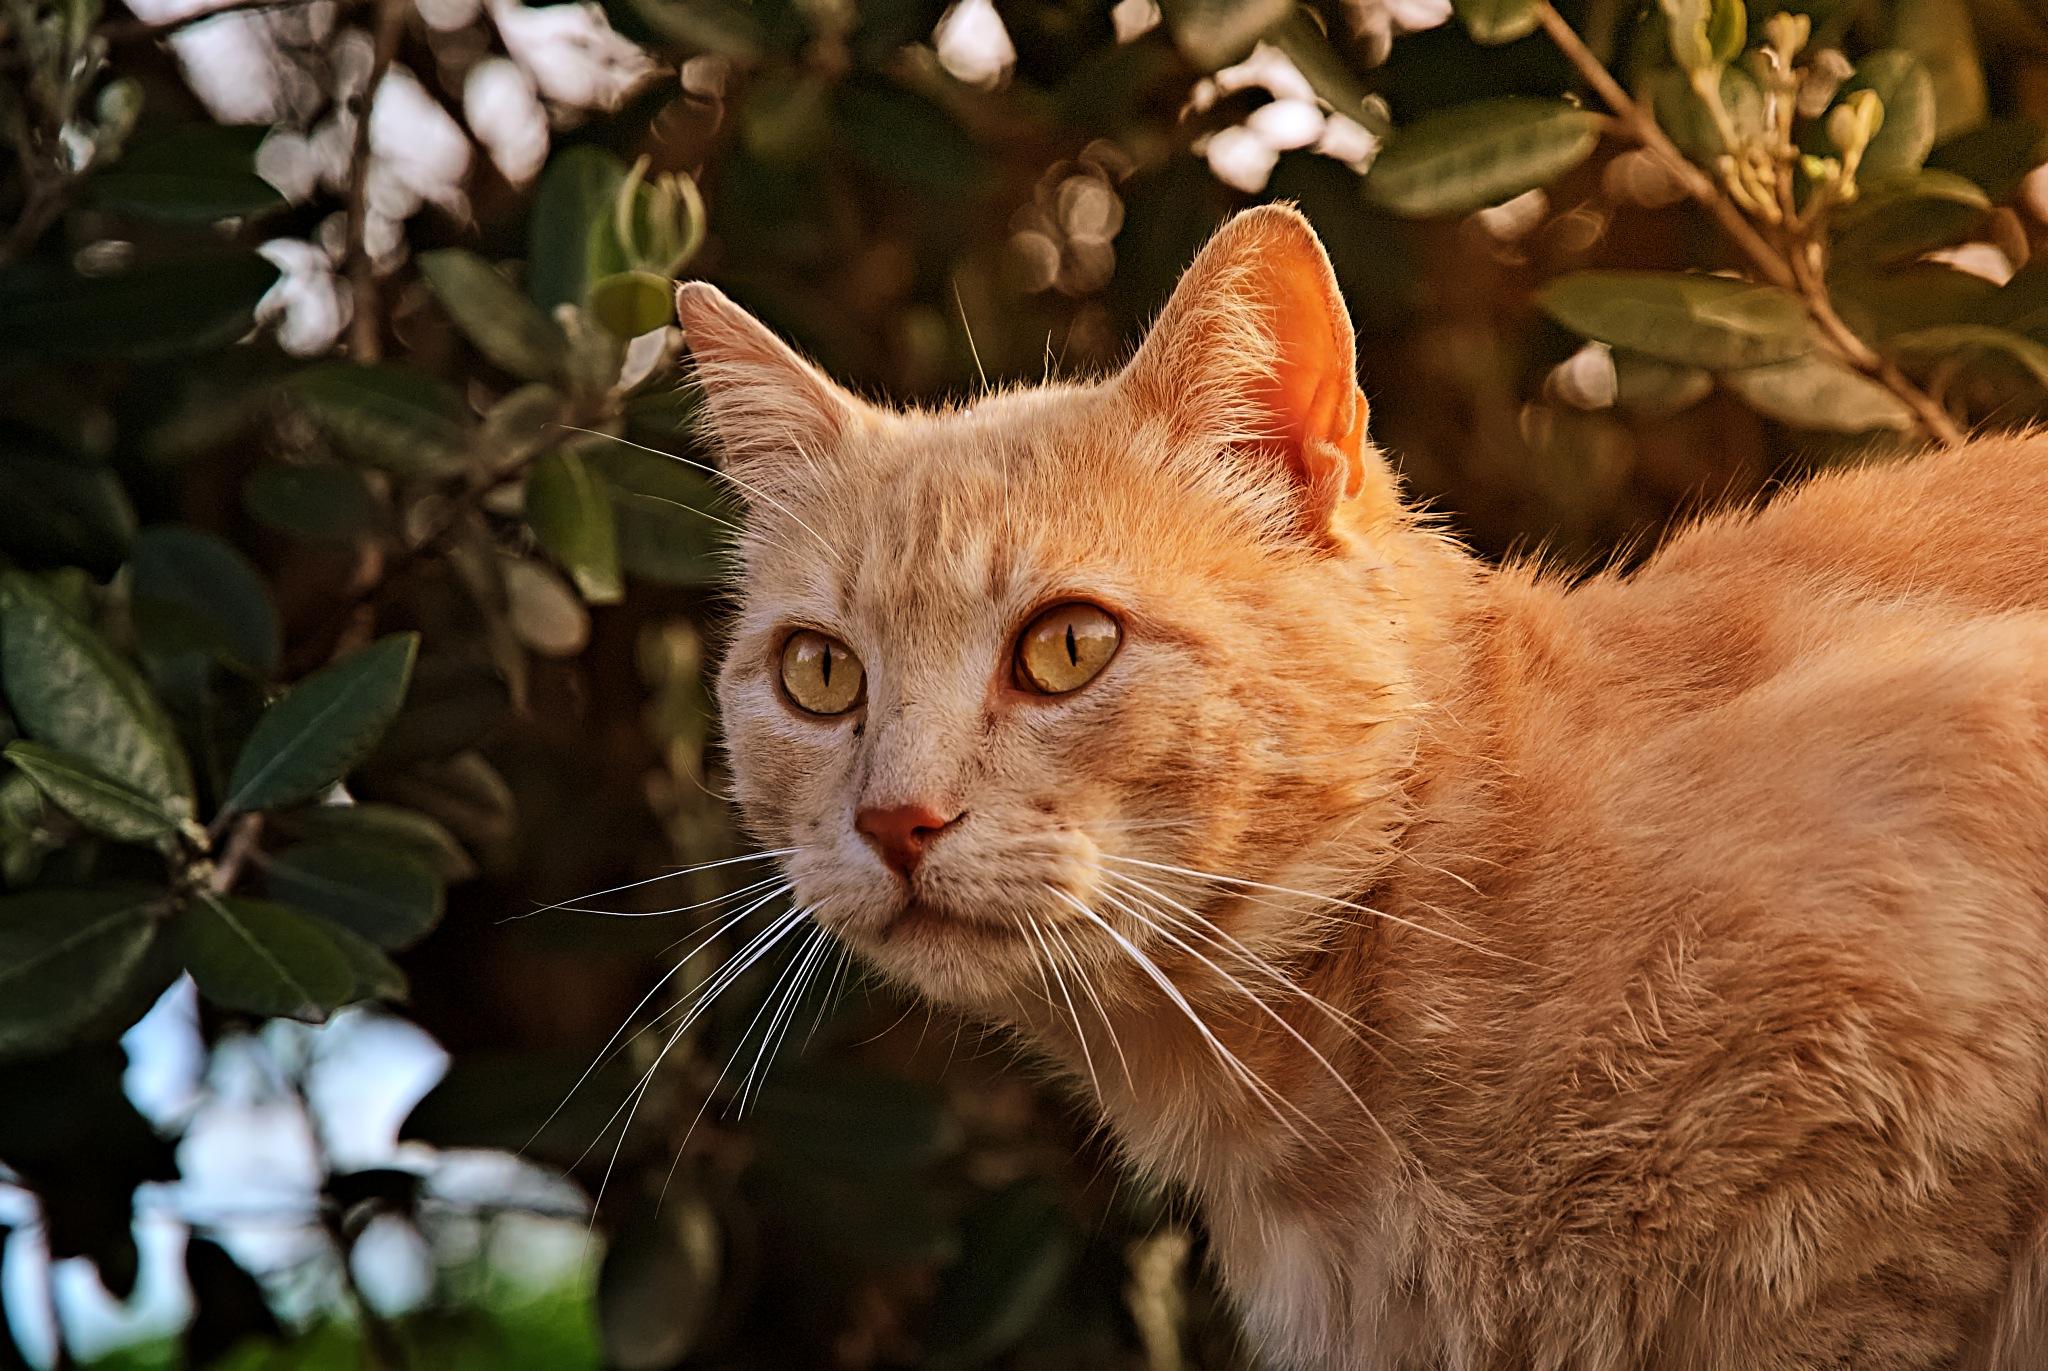 Cat portrait by Niki Dericks